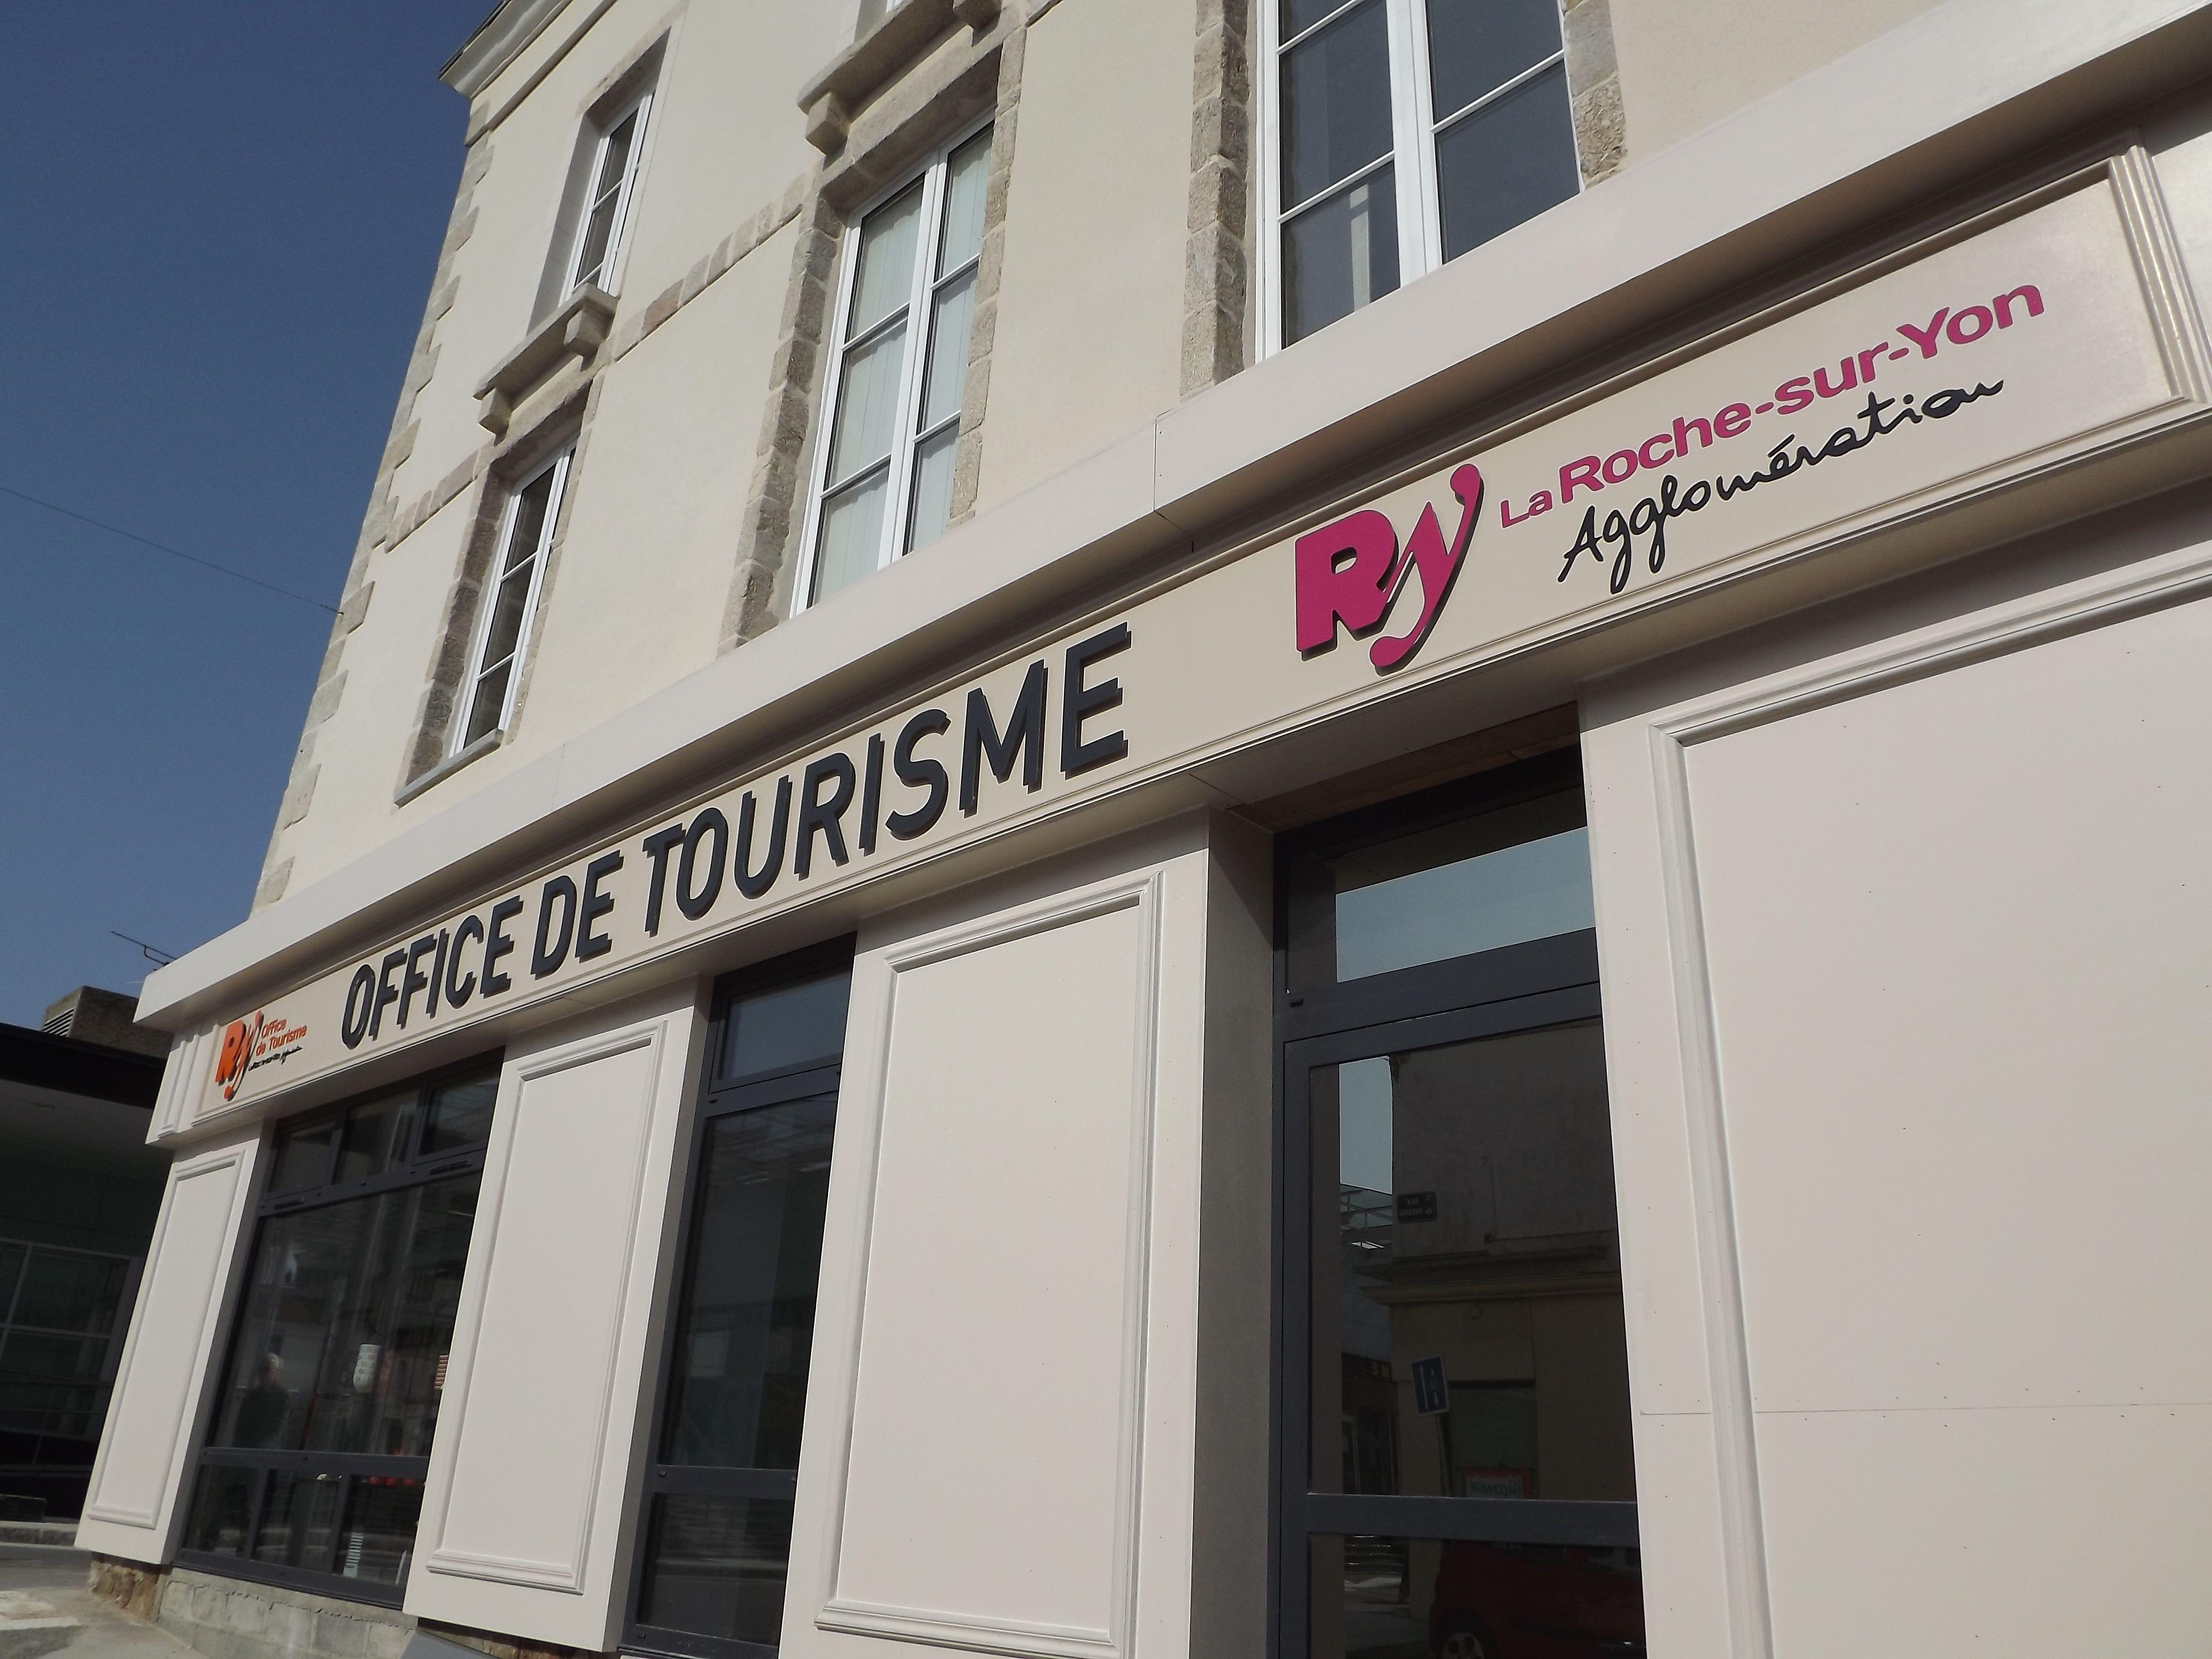 office de tourisme 85000